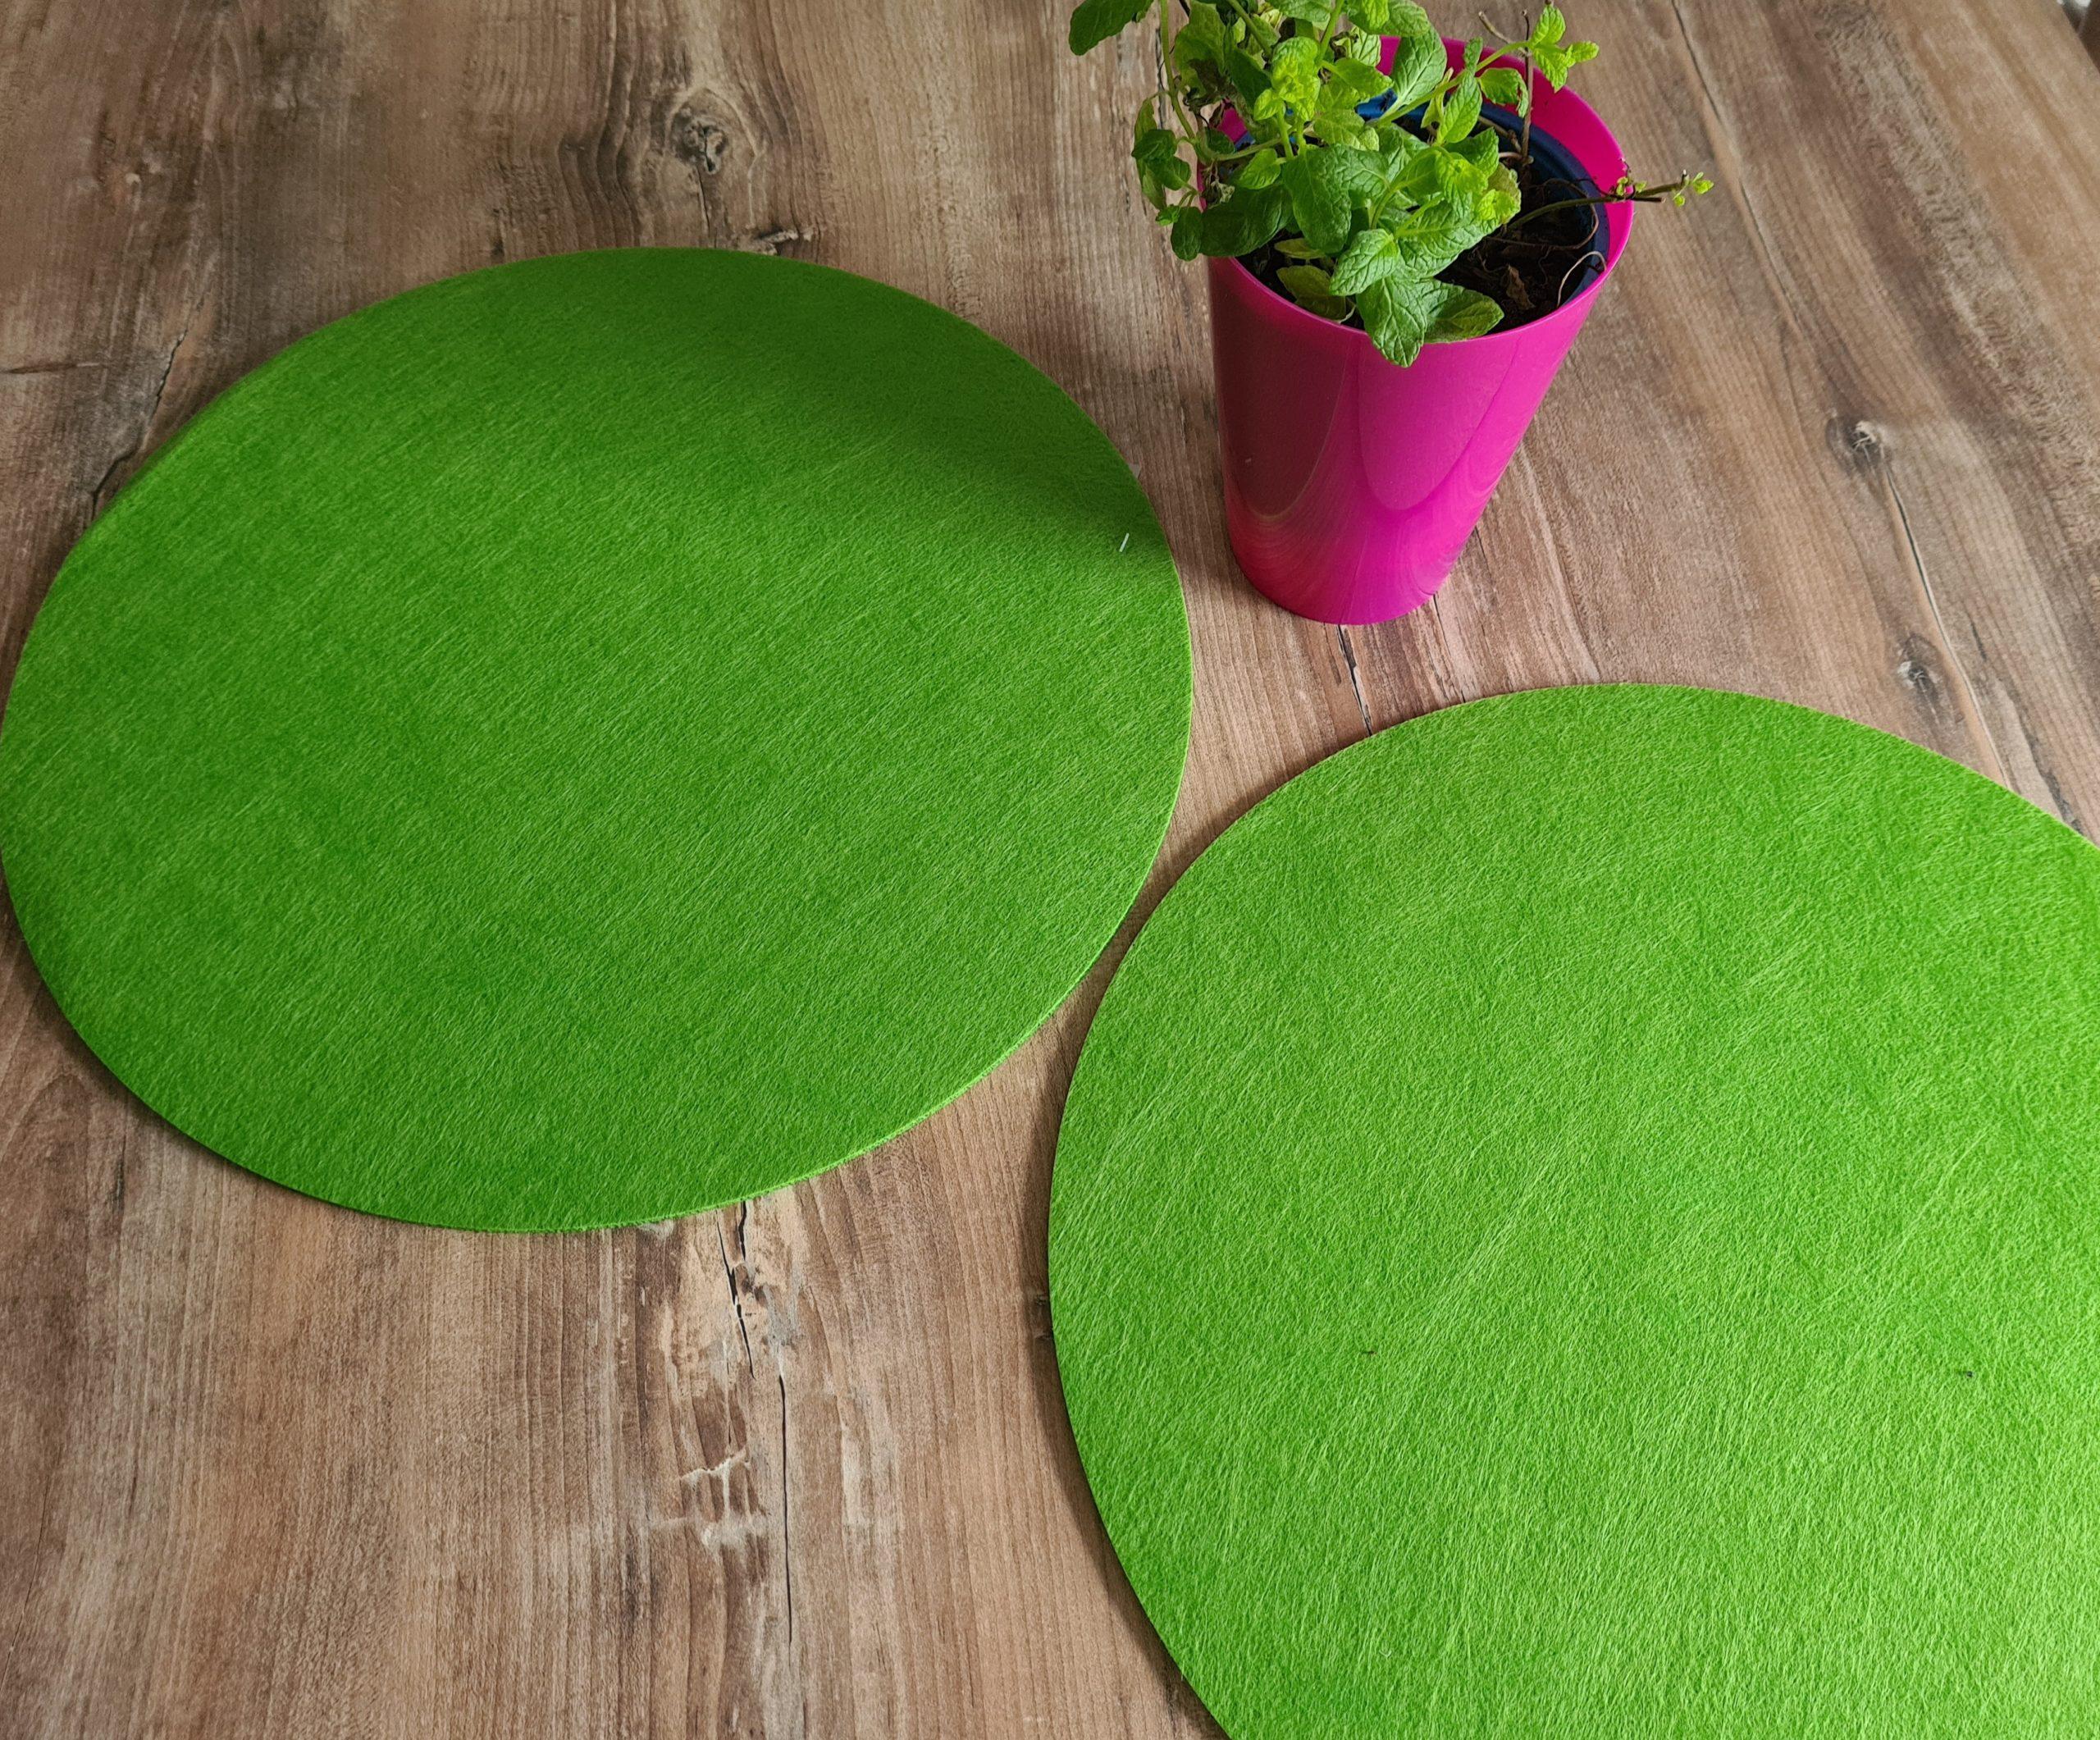 Grüner Filz-Untersetzter rund auf Holztisch - Handgemachte individualisierbare Taschen, Körbe, Tischsets, Dekoartikel und mehr auf fideko.de der Onlineshop seit 2011